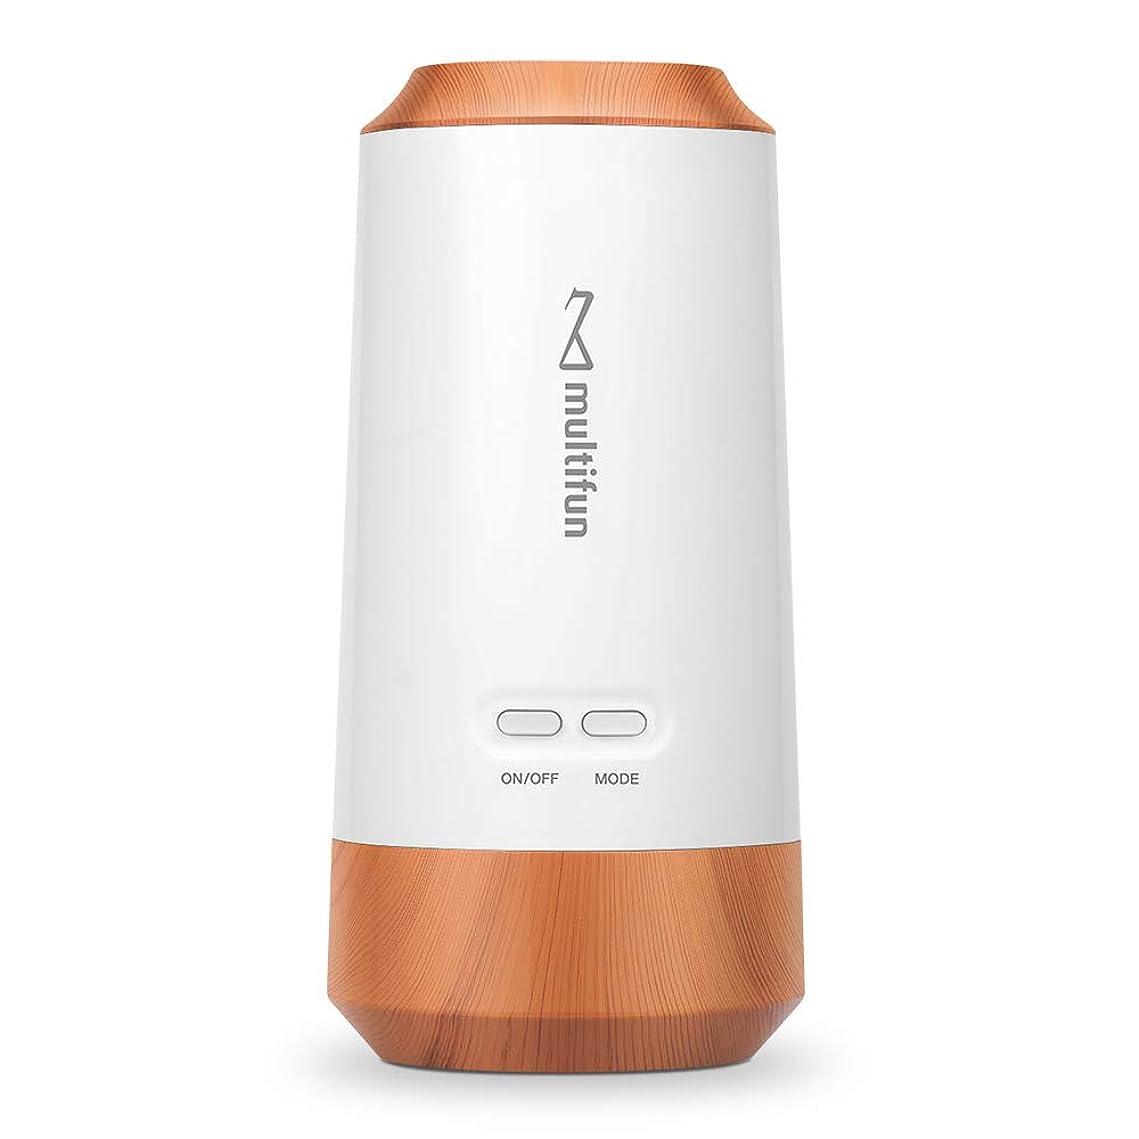 健康的調べる爆風multifun アロマディフューザー ネブライザー式 気化式 車載用 コードレス 水を使わない 充電式 静音 車用 10mlアロマ320時間使える 精油瓶1個 スポイト付き 6畳~9畳まで